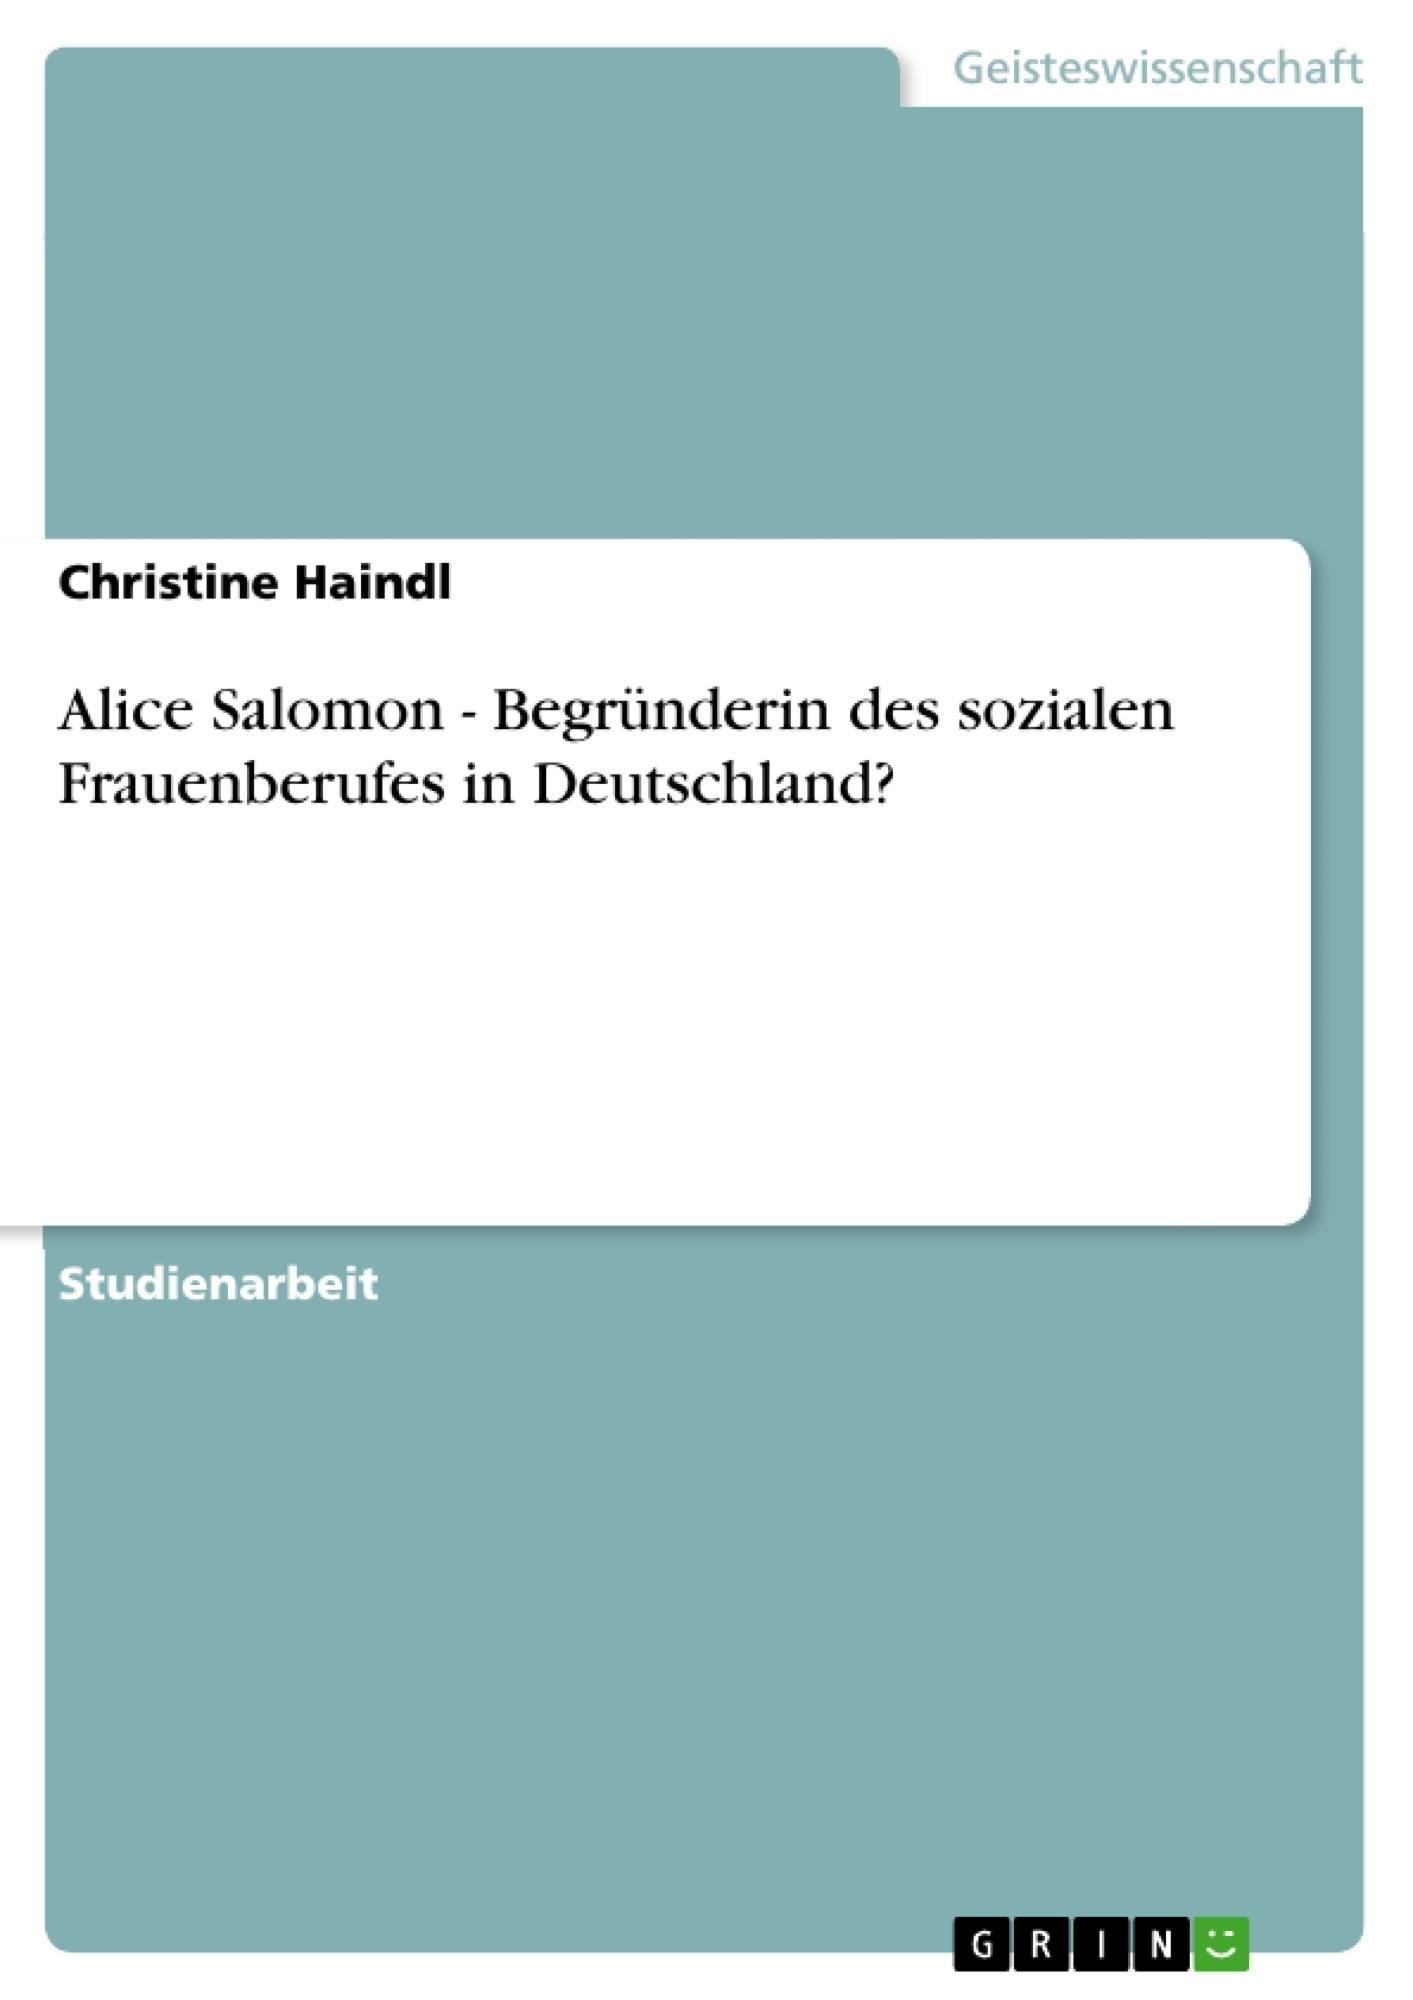 Titel: Alice Salomon - Begründerin des sozialen Frauenberufes in Deutschland?